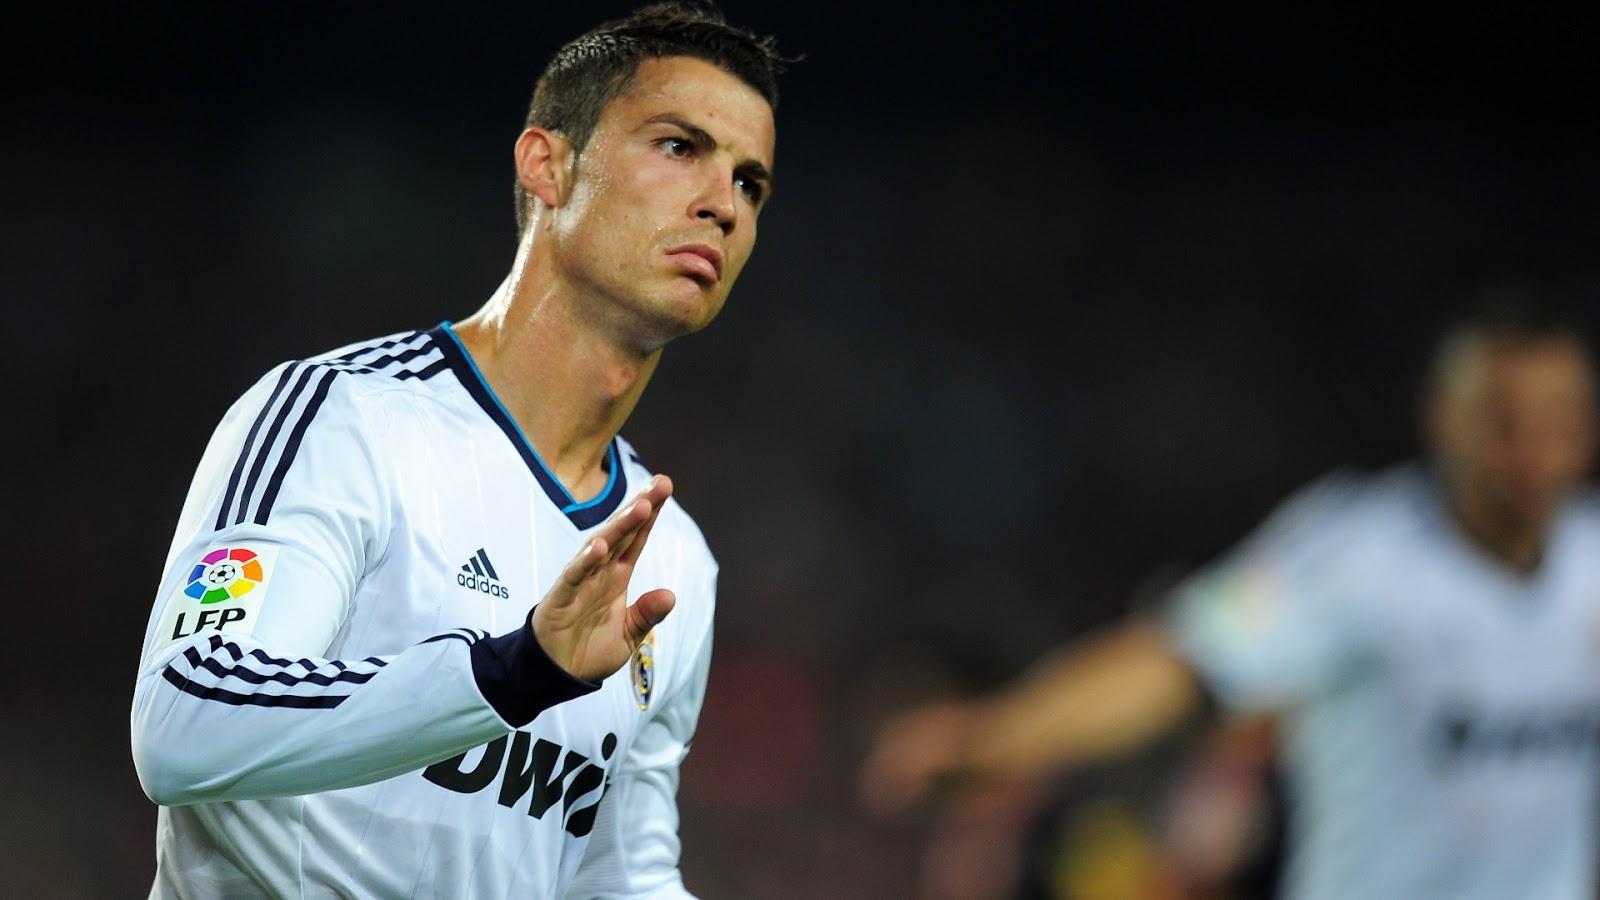 Pes 2014 top 100 con sus mejores jugadores - Cristiano ronaldo pictures hd ...